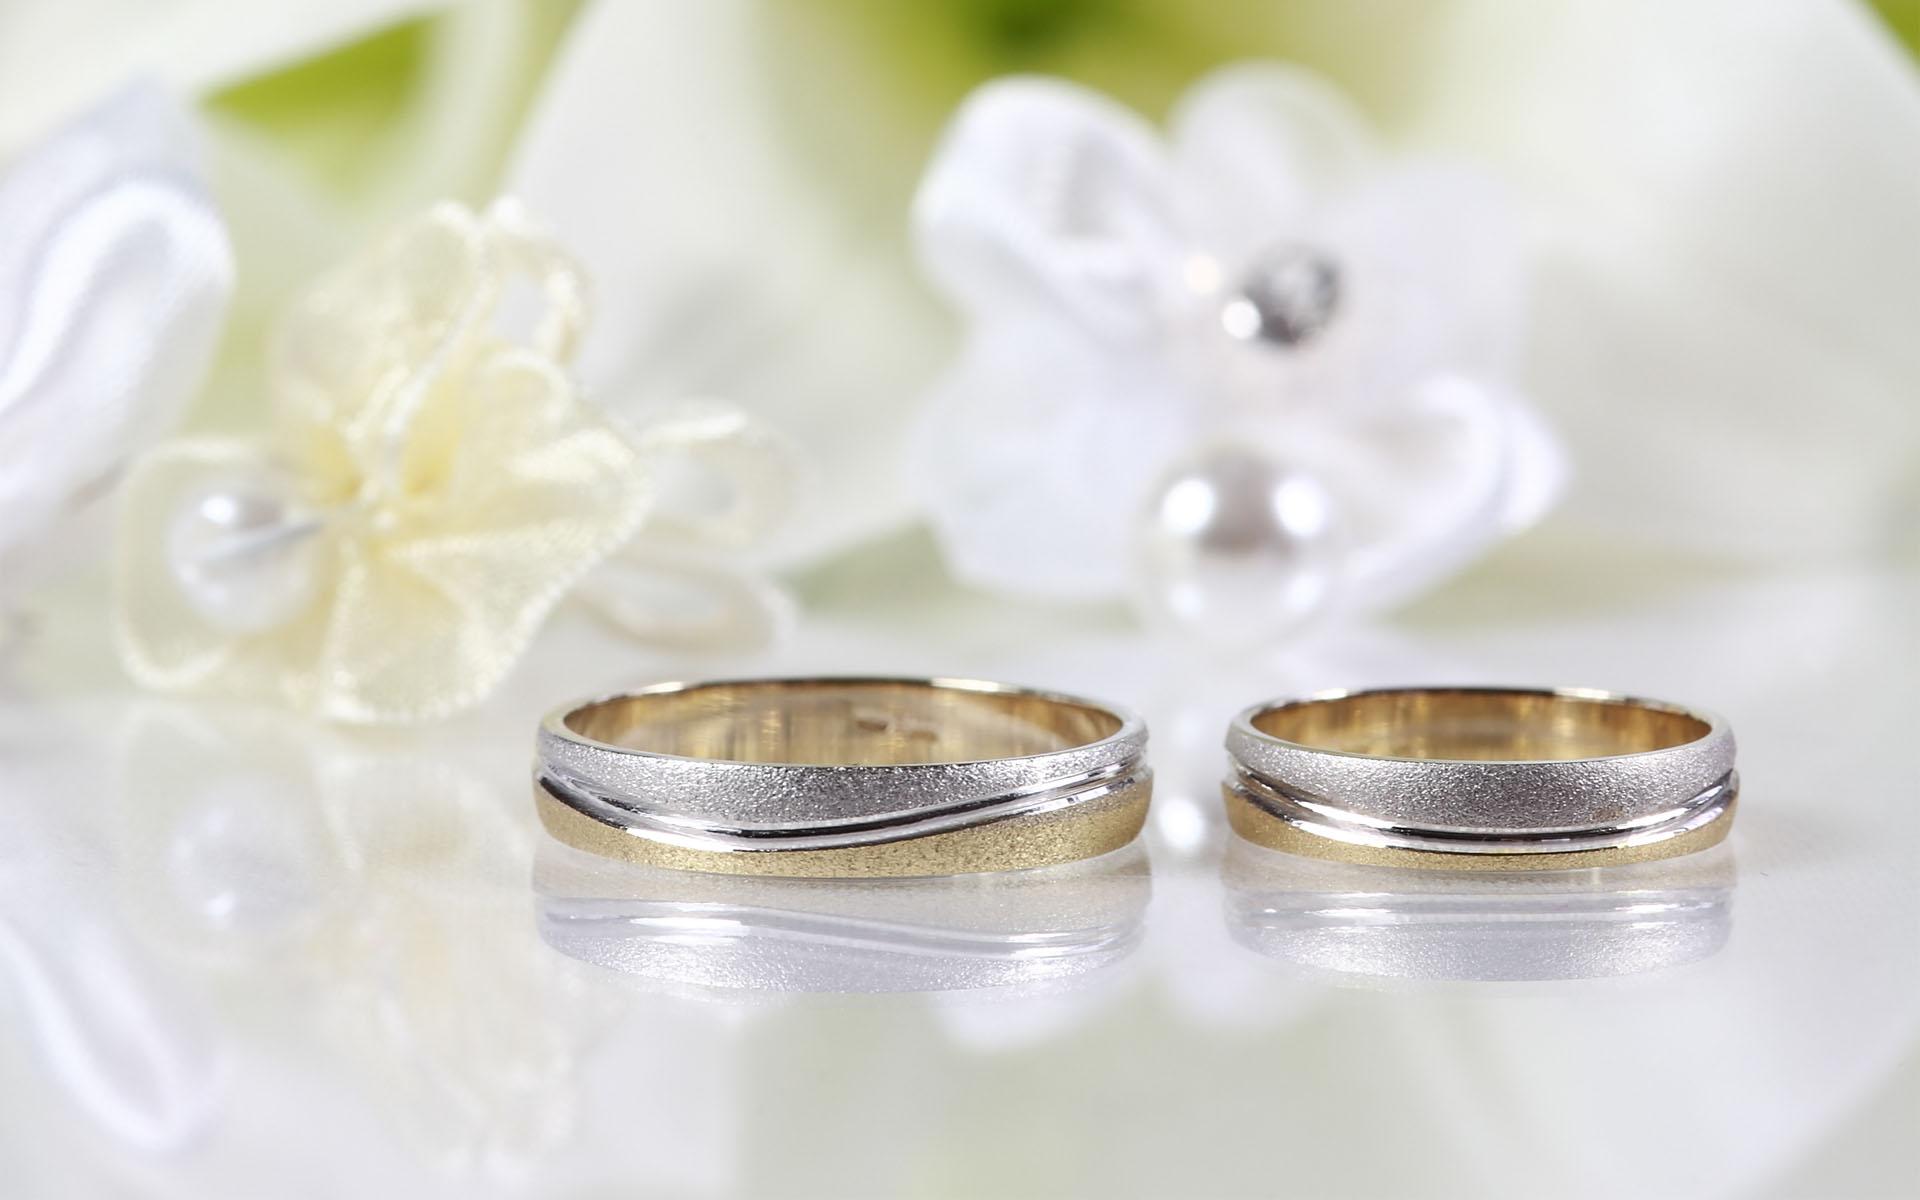 Кольца обои фото кольца для жениха и